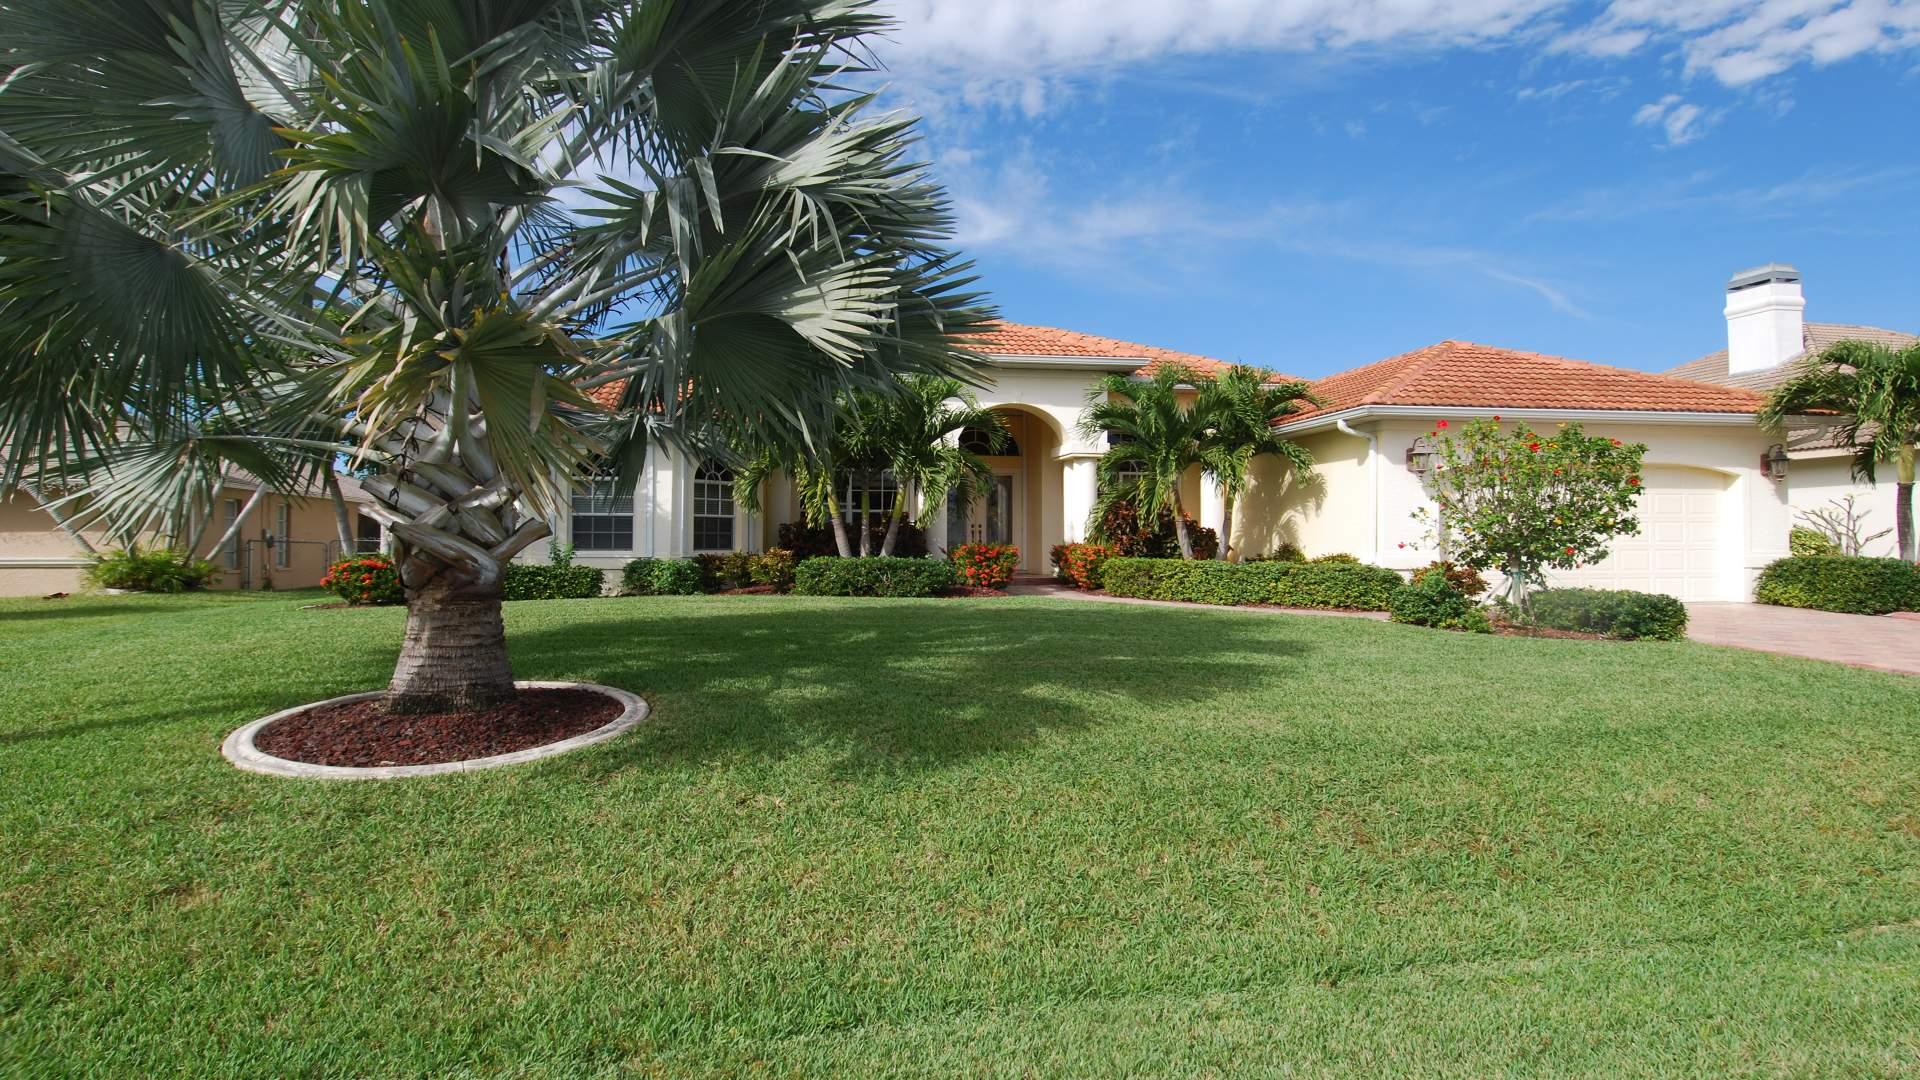 Ferienhaus mit exotischem Flair: Villa Black Diamond in Cape Coral